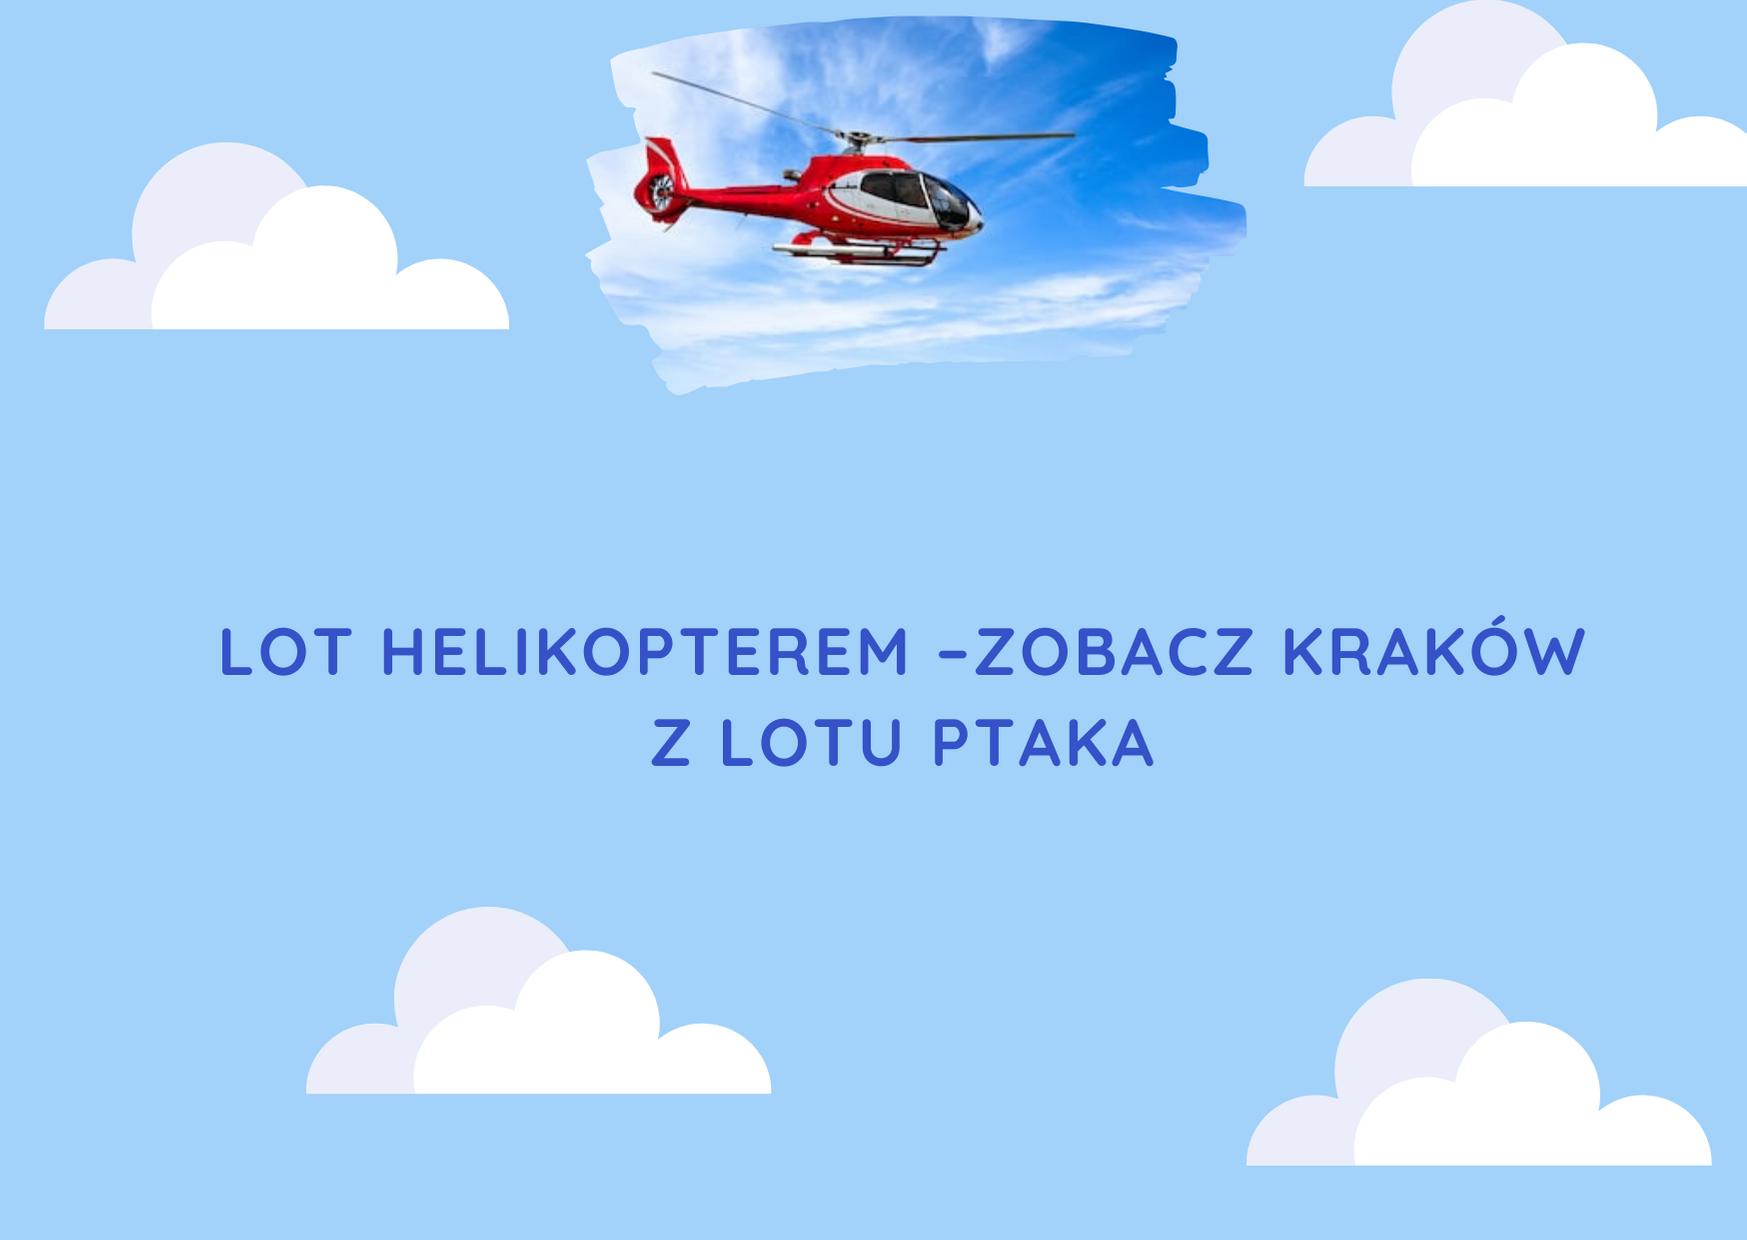 Lot helikopterem!